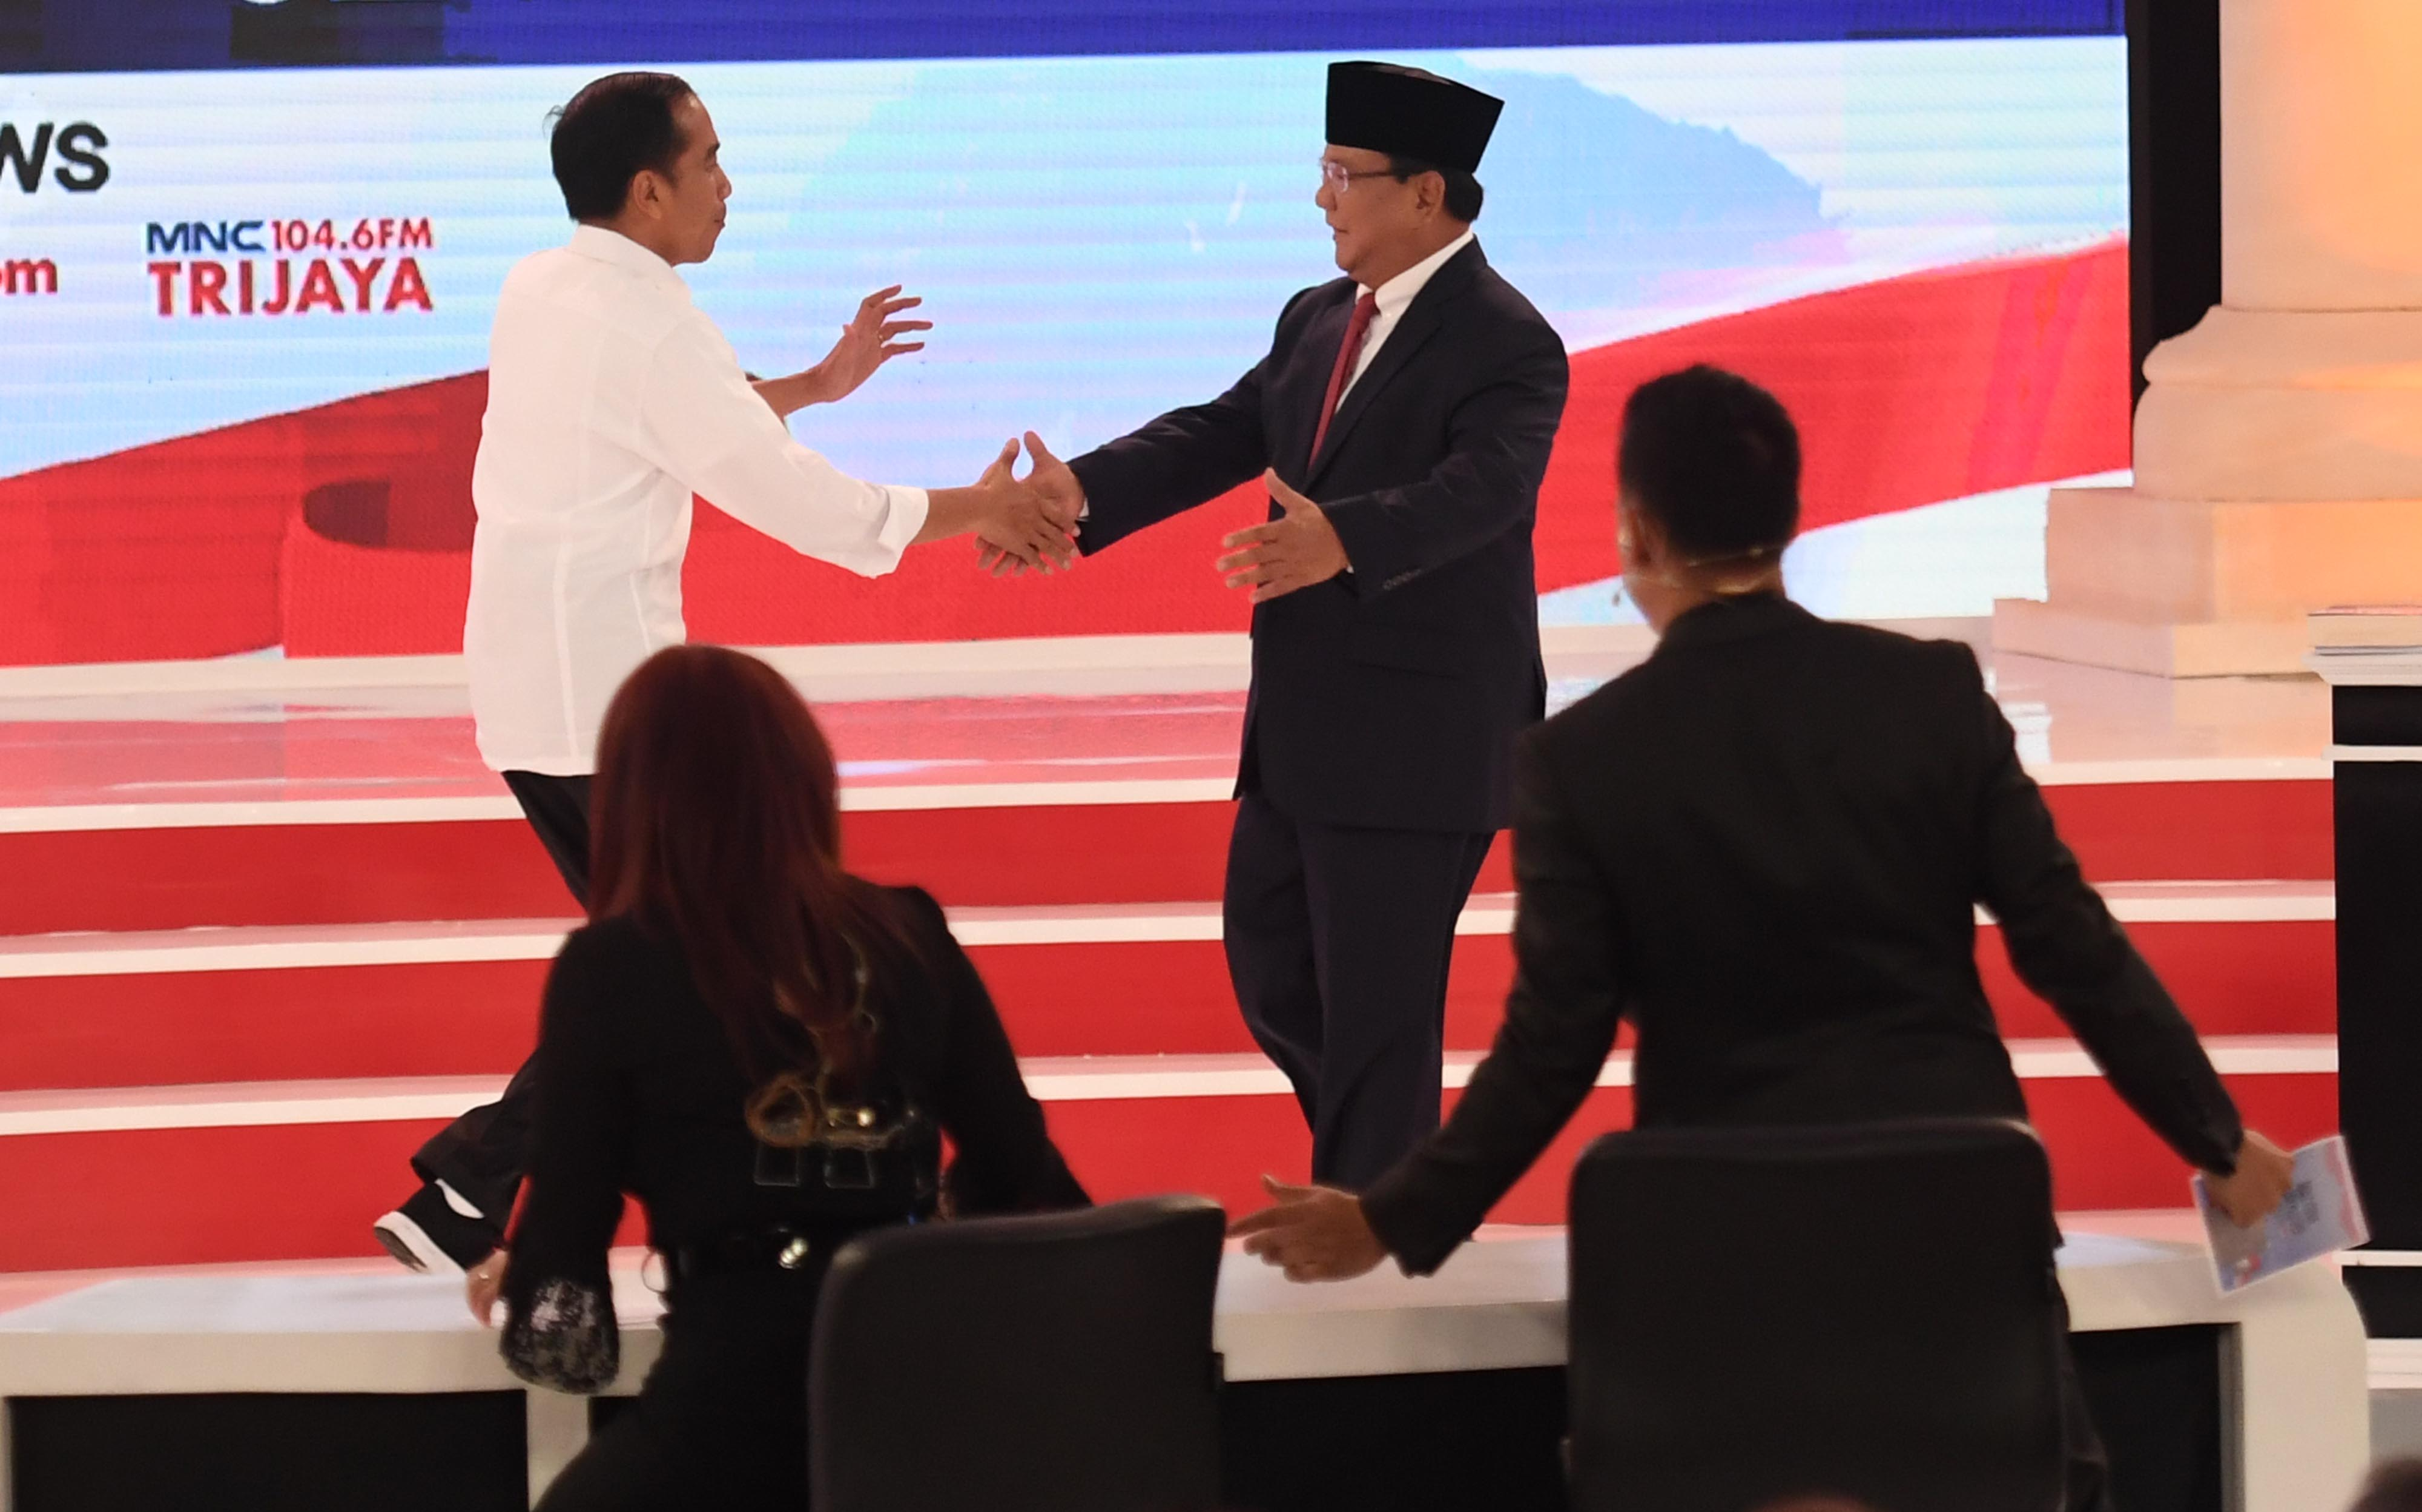 Debat kedua pilpres 2019 klaim data jokowi dipertanyakan prabowo kurang berhasil paparkan ide bbc news indonesia